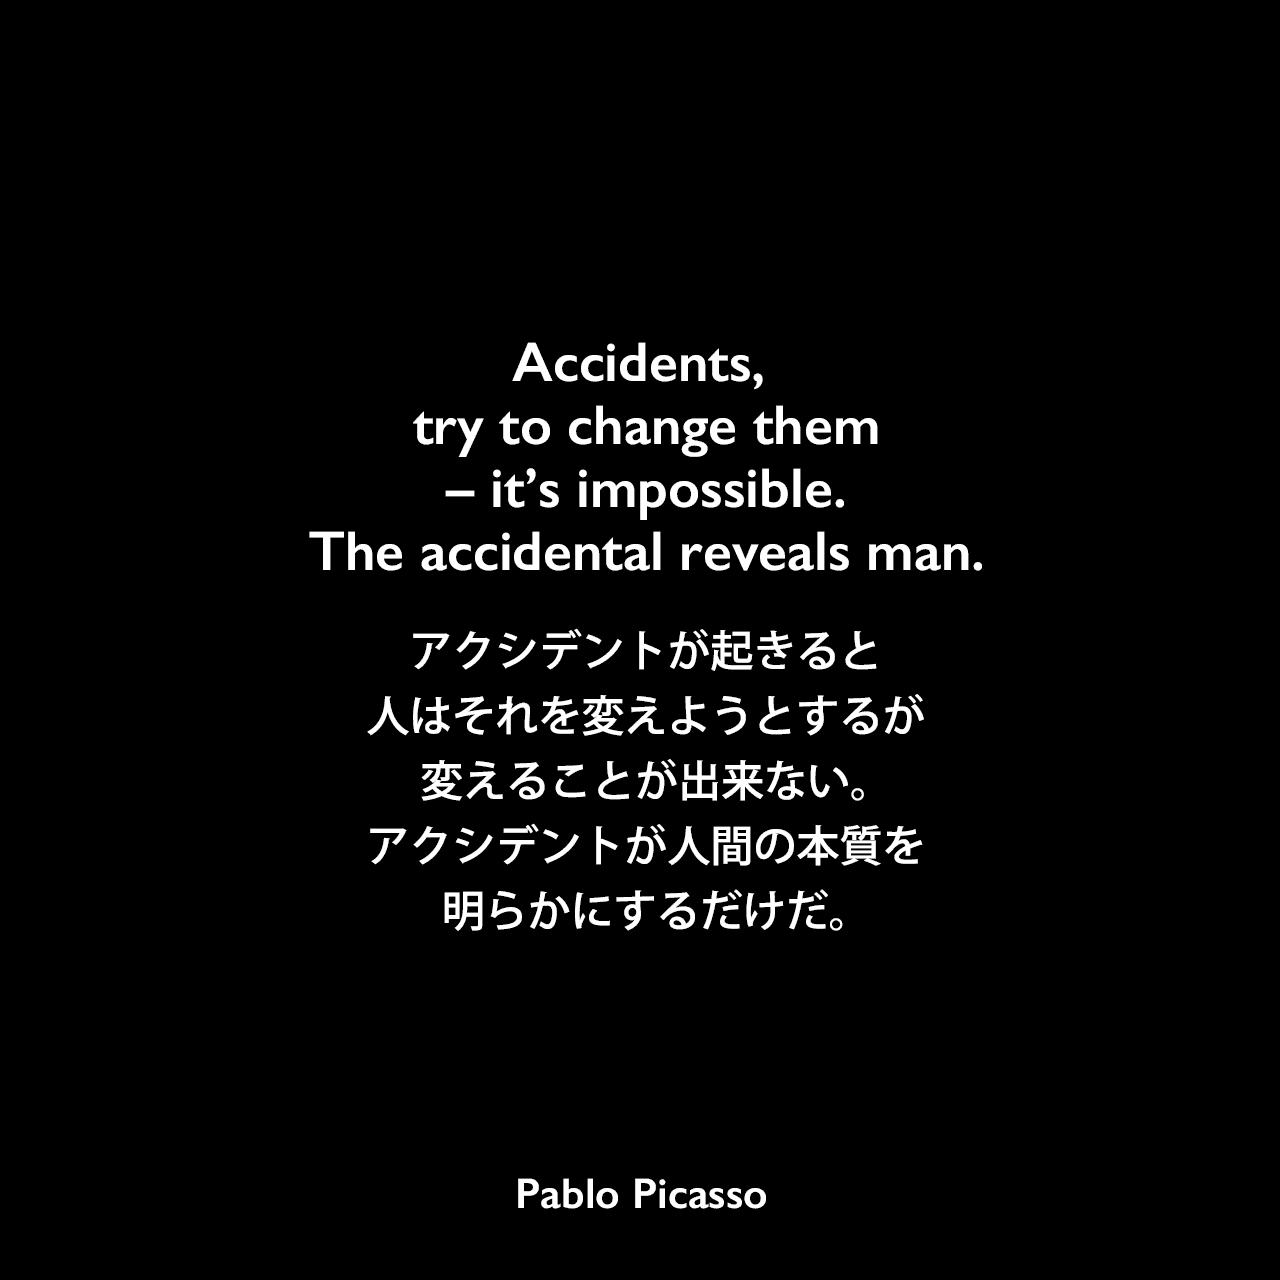 Accidents, try to change them – it's impossible. The accidental reveals man.アクシデントが起きると、人はそれを変えようとするが、変えることが出来ない。アクシデントが人間の本質を明らかにするだけだ。- 1956年のVogue誌よりPablo Picasso